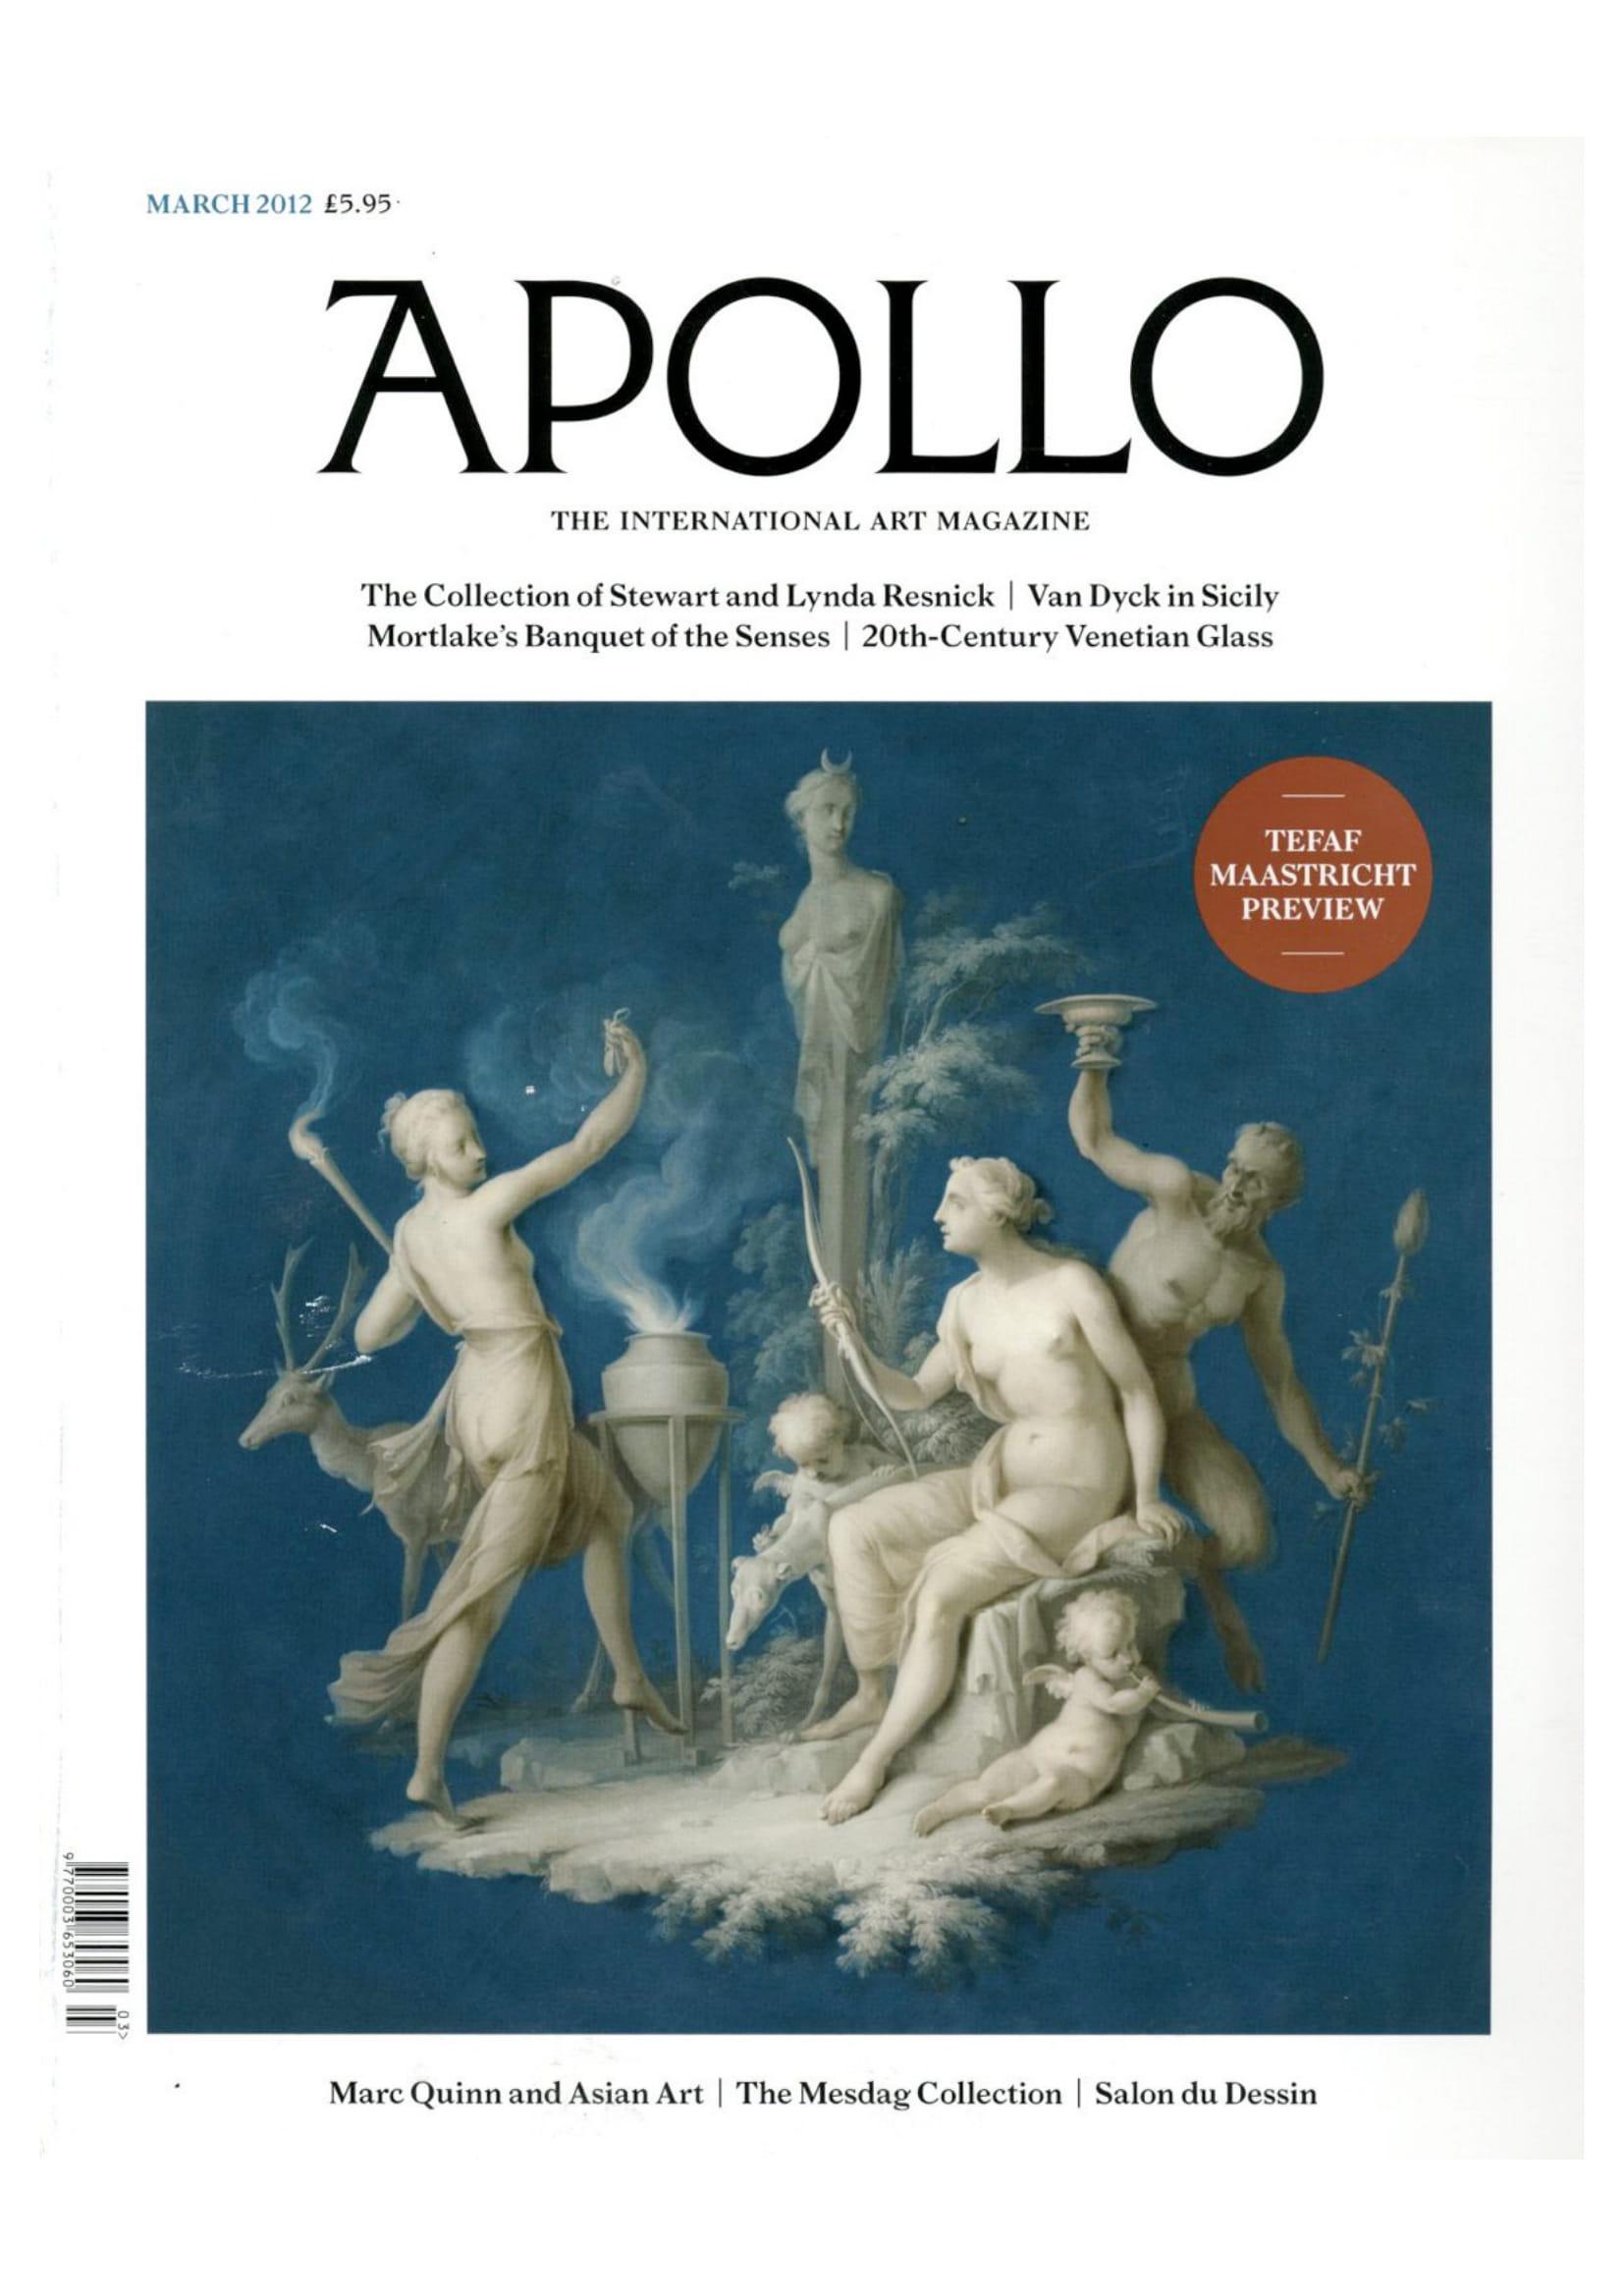 Apollo — March 2012